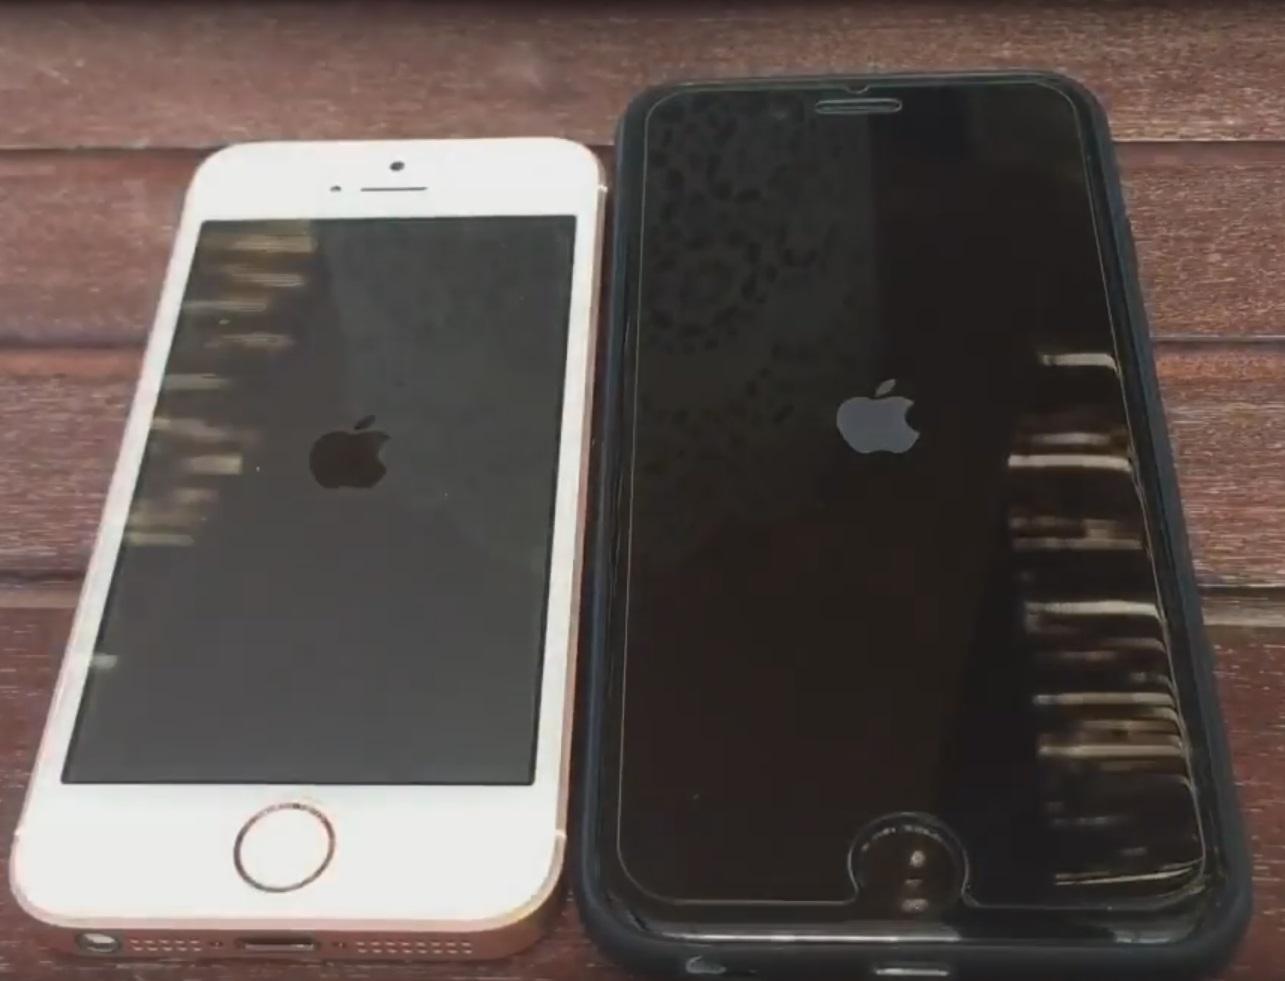 מודיעין אייפון SE: קטן יותר ועדיין חזק VU-07